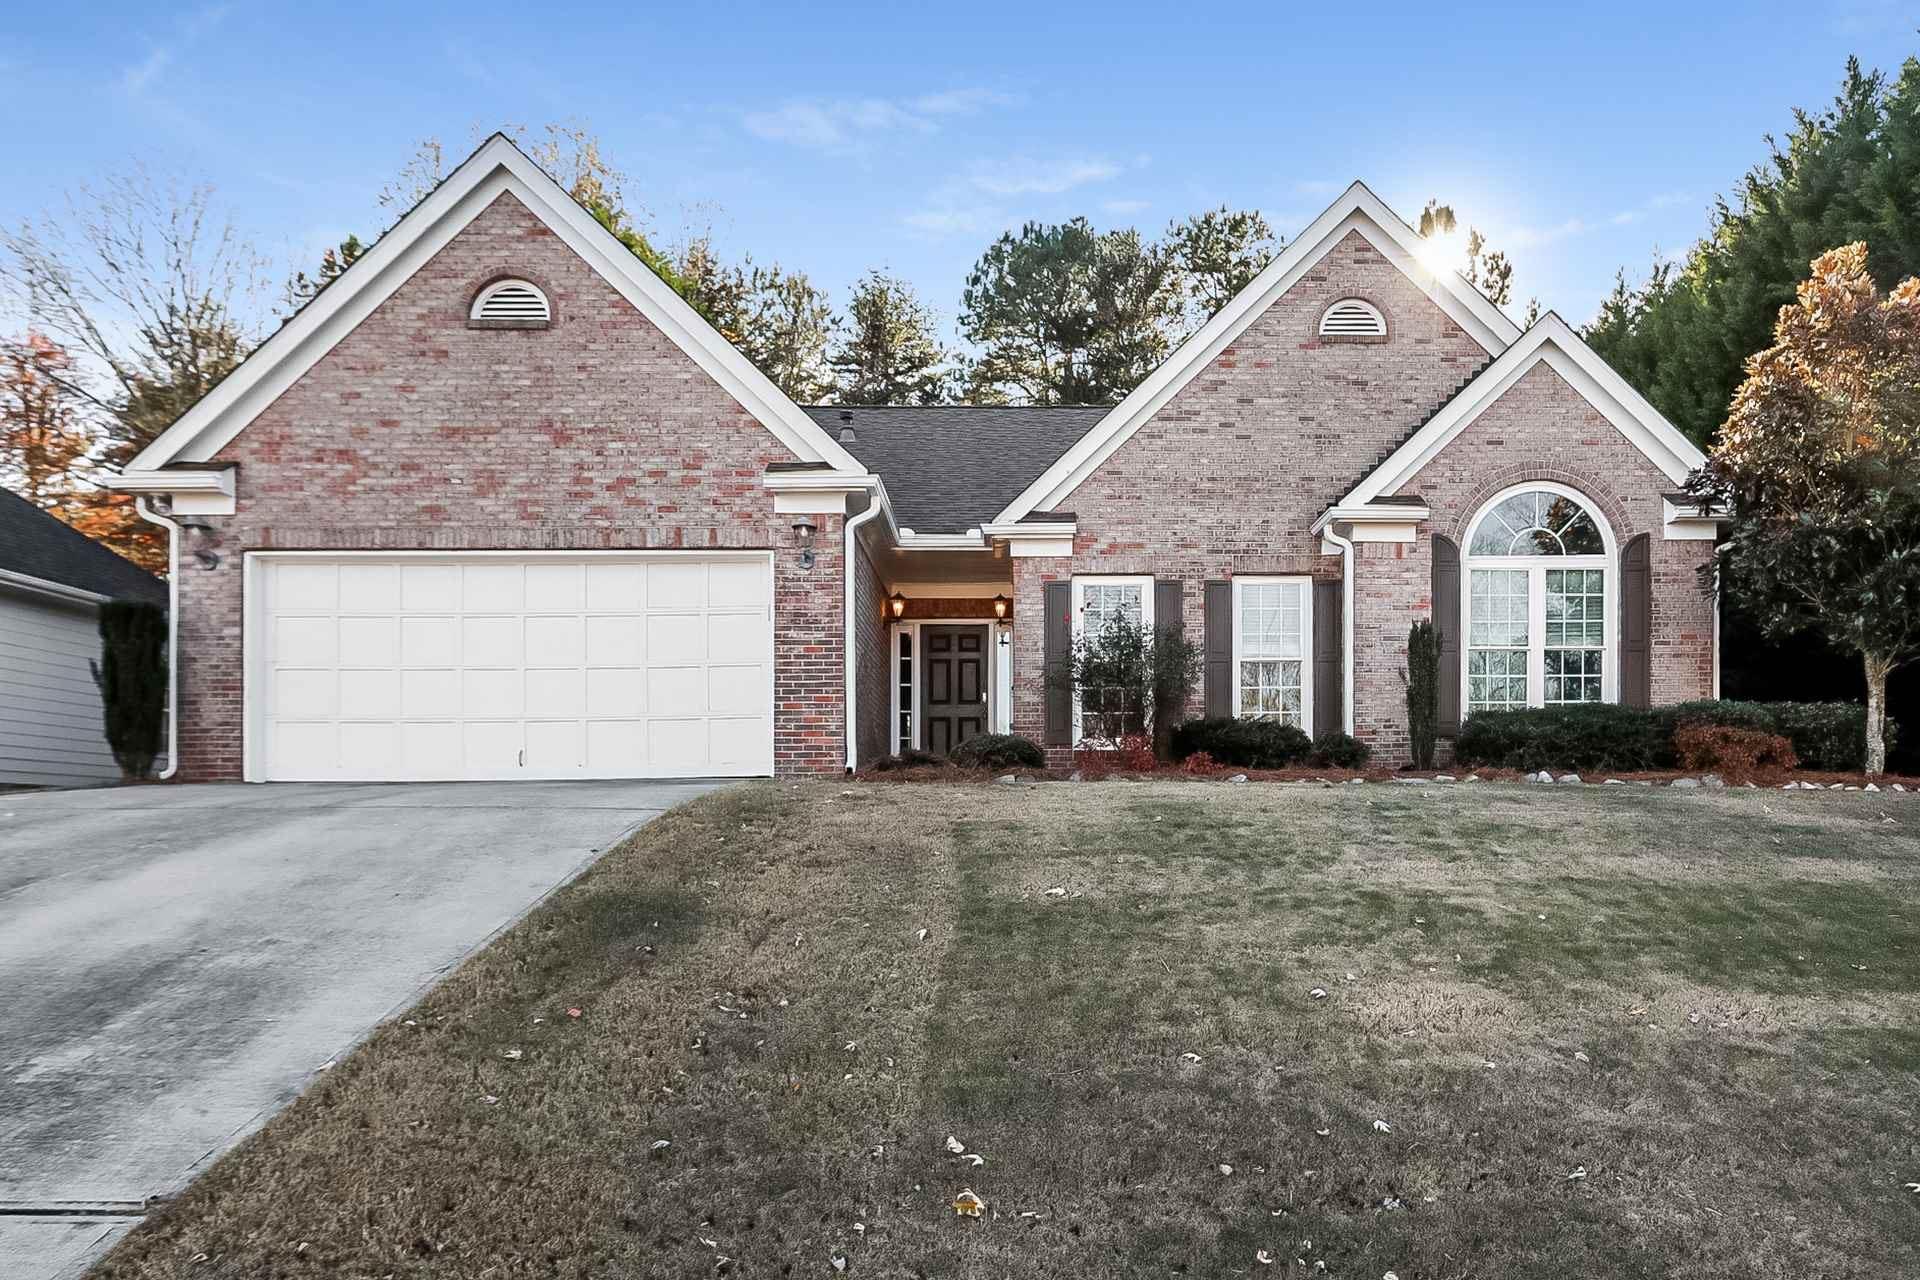 1810 Dartford, Hoschton, GA 30548 - MLS#: 8905958